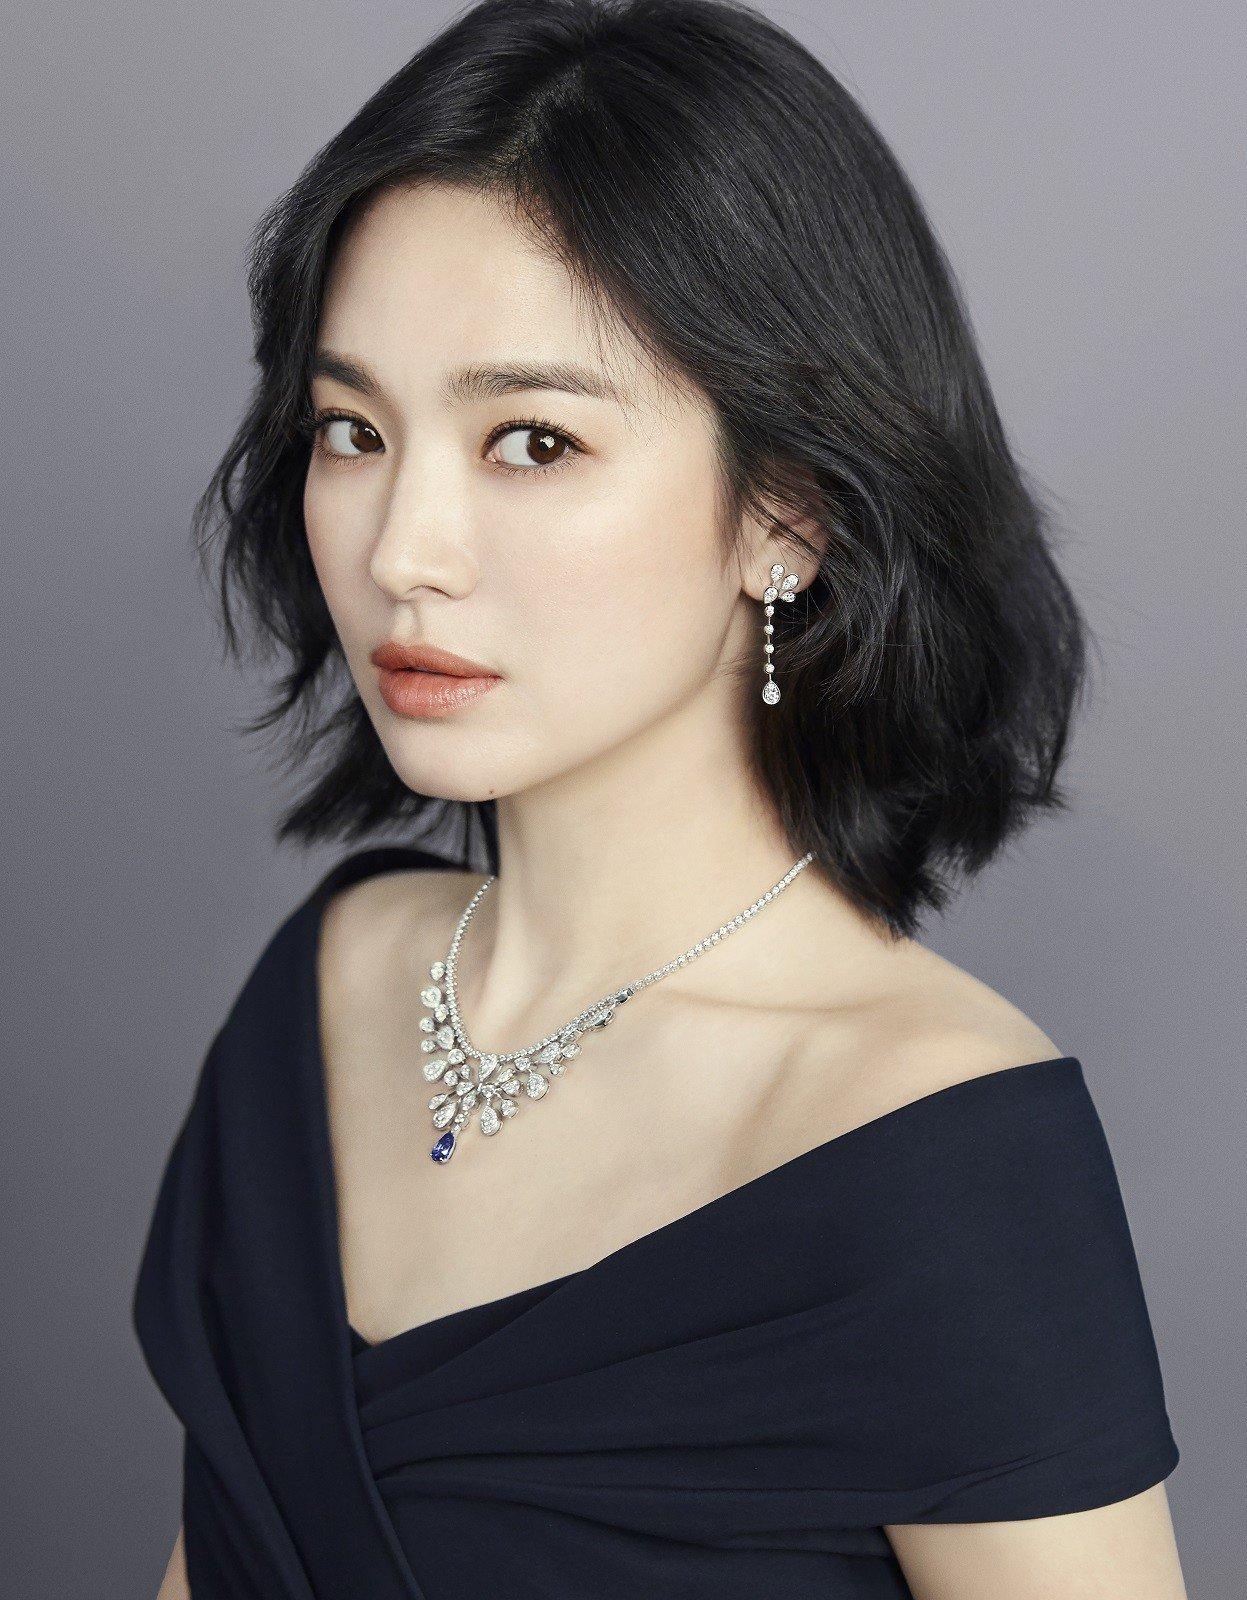 помнить, что самые красивые корейские актрисы фото страна богатыми культурными